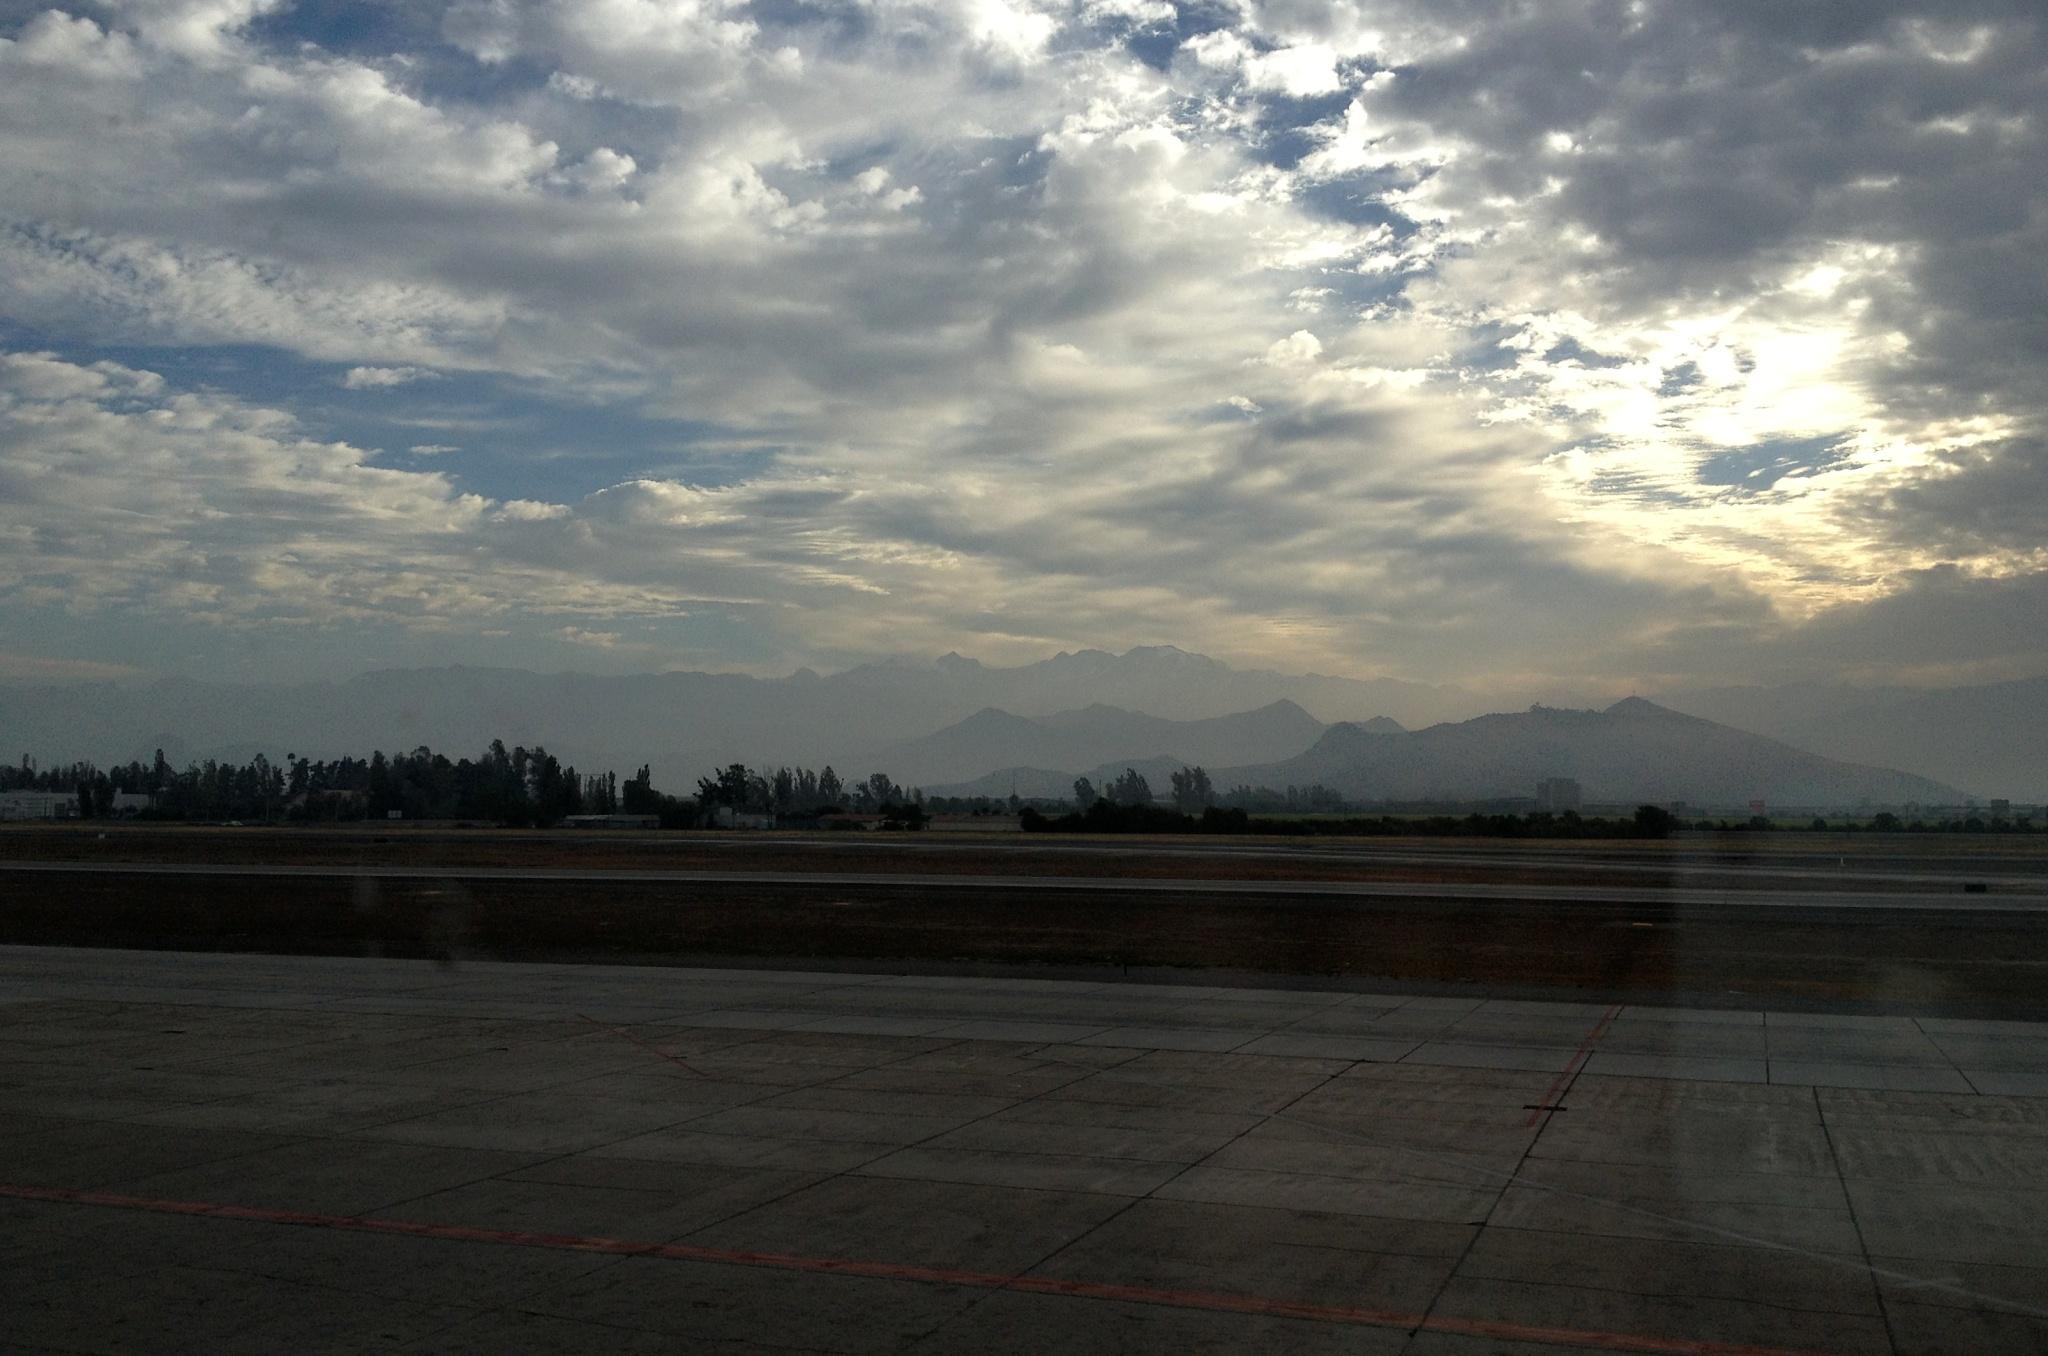 Ráno na letišti v Santiagu, v pozadí vrcholky hor